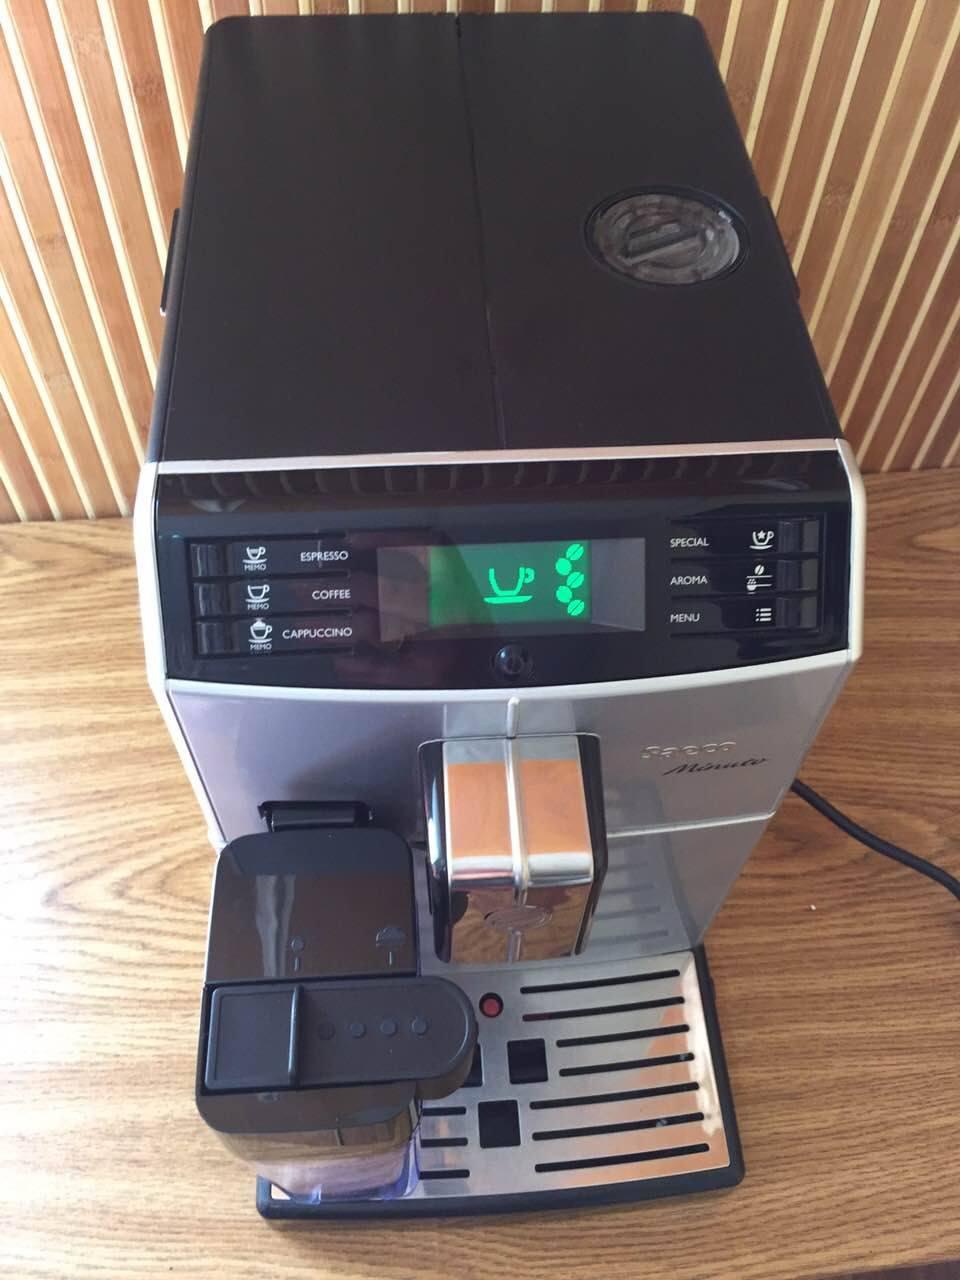 Ця модель кавової машини відноситься до класу люкс. З нею ви не тільки зварите якісну каву, а й зможете обрати один з семи видів різних кавових напоїв, таких як капучіно та лате. Також ви зможете регулювати міцність кави та помел.